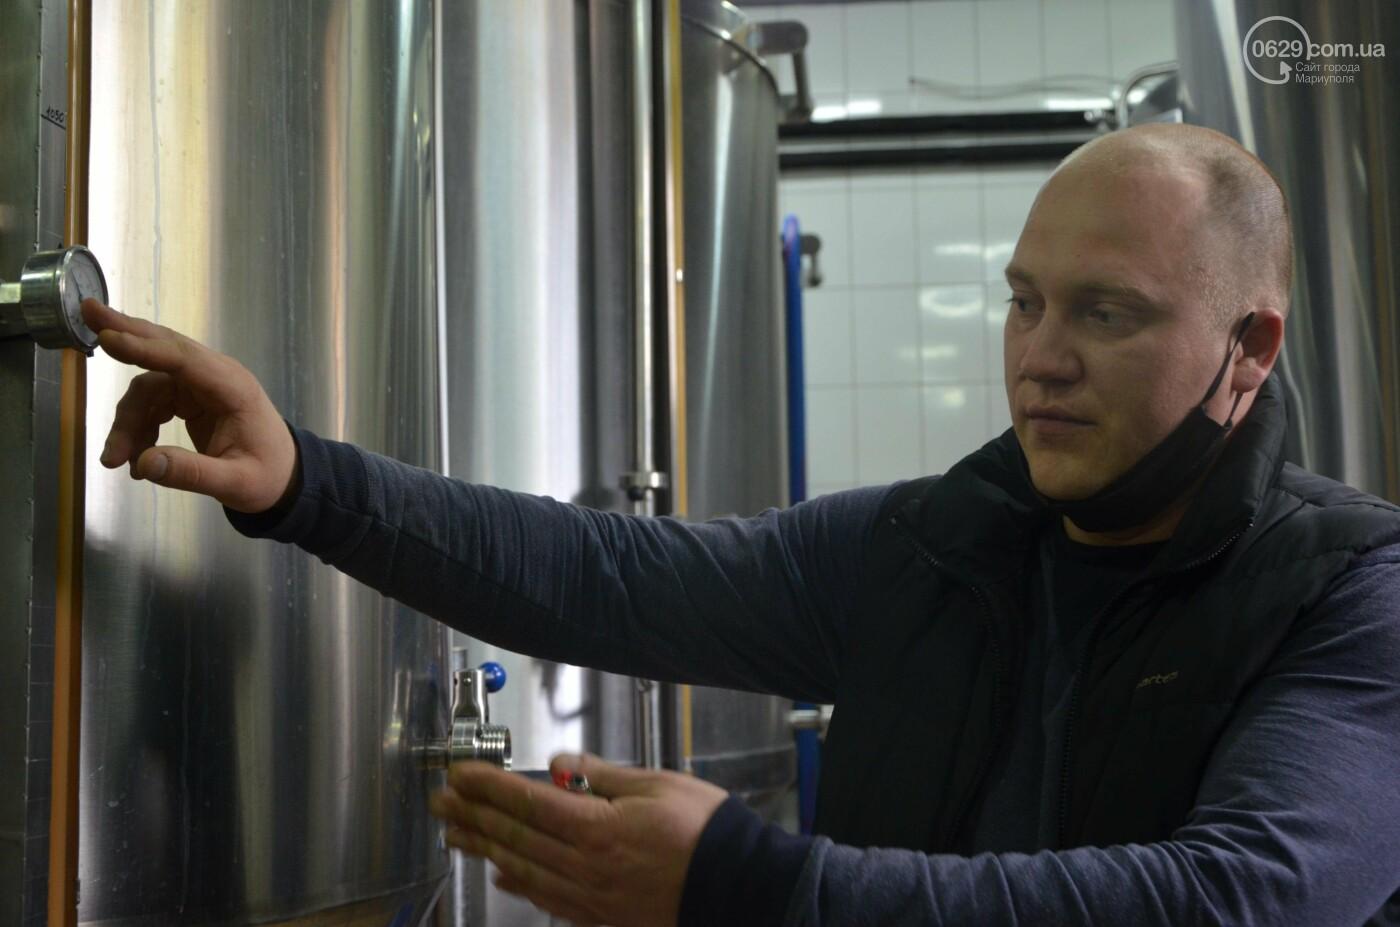 Как в Мариуполе варят пиво и с чем его пьют. История одной ревизии, - ФОТО, фото-1